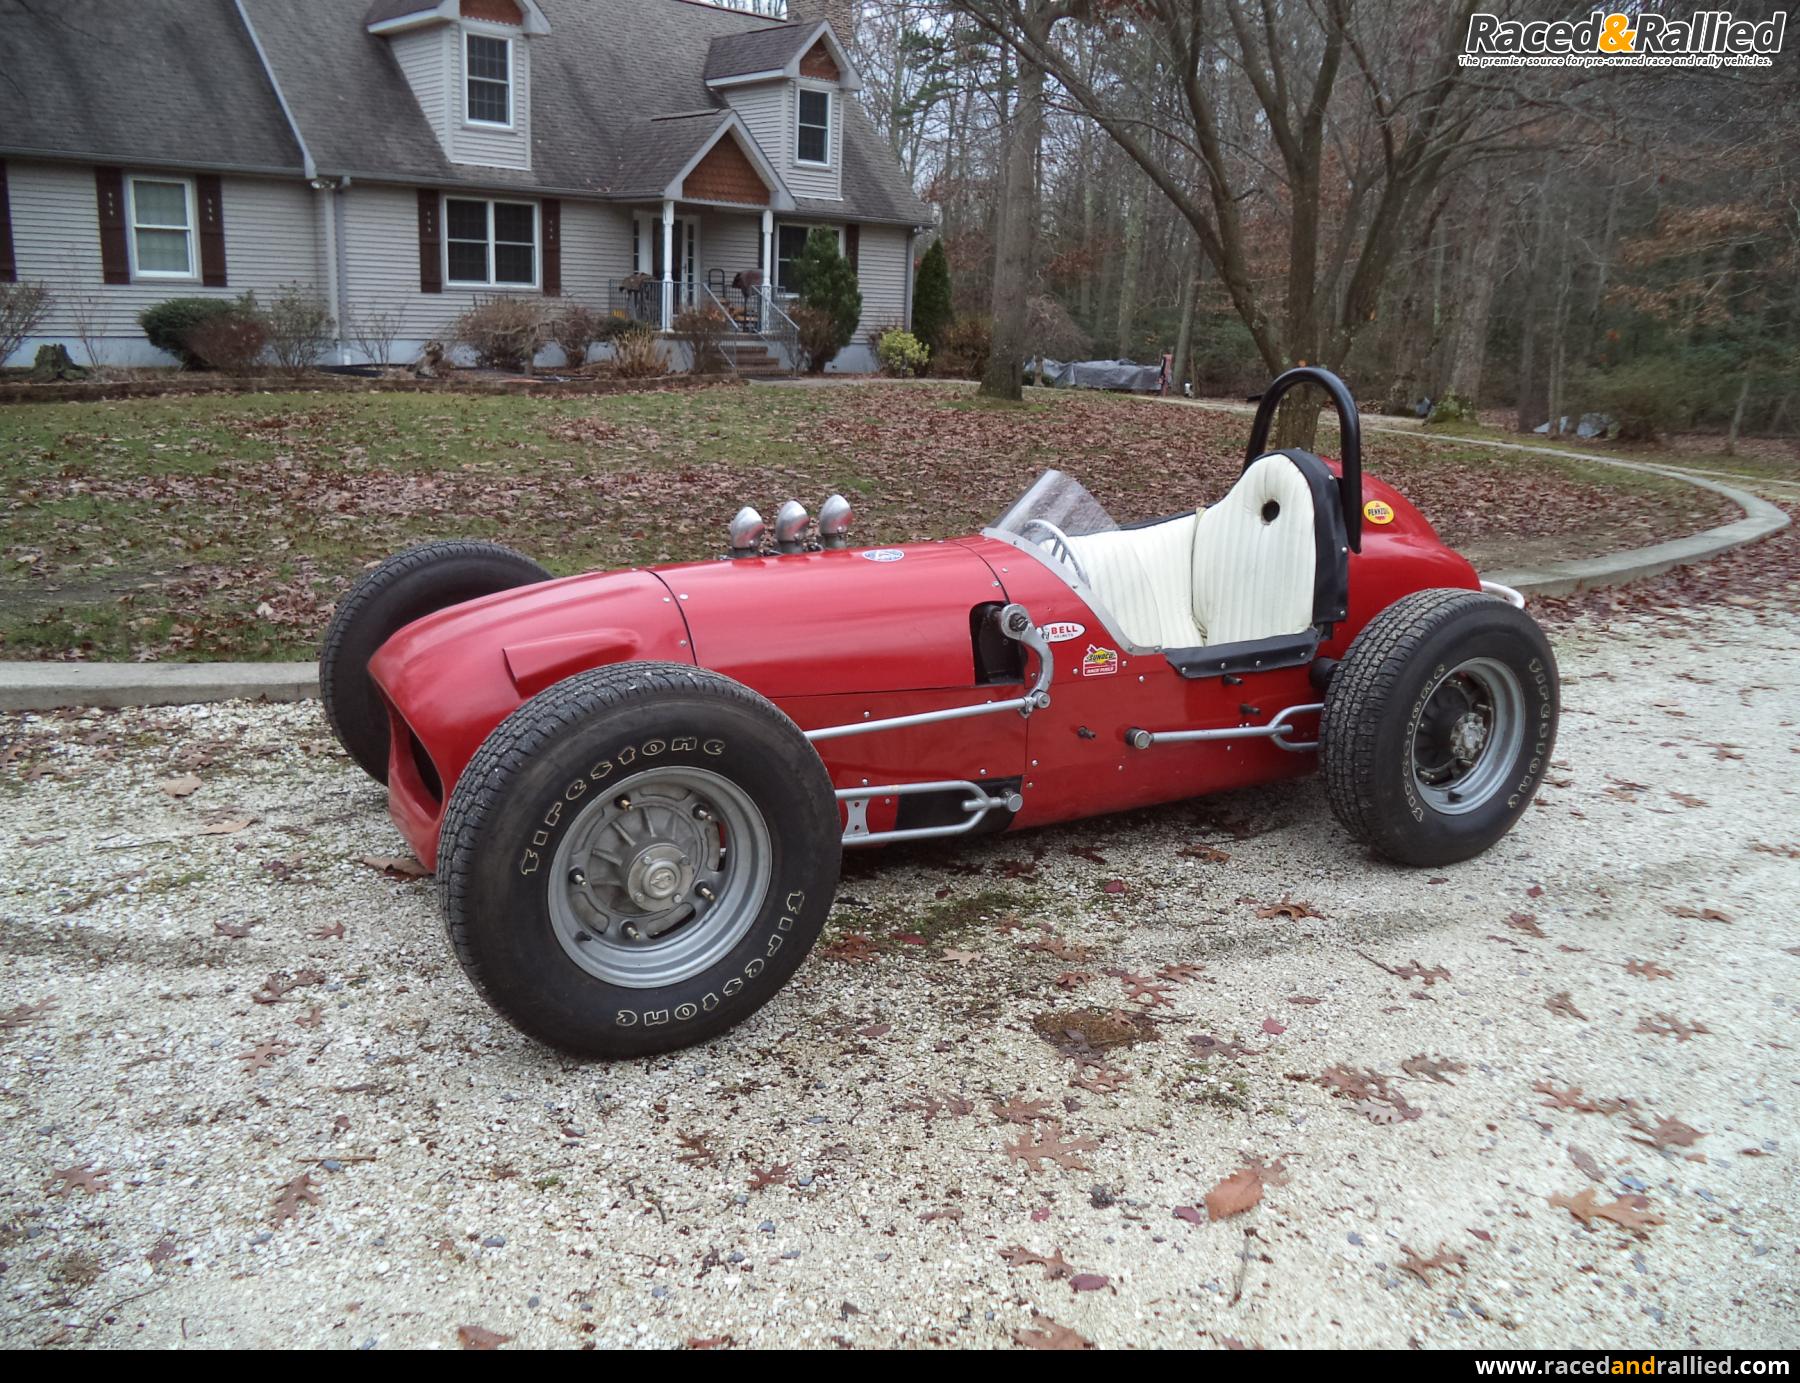 1958 Sprint car Vintage Race Car Paul Doody Special | Race Cars for ...